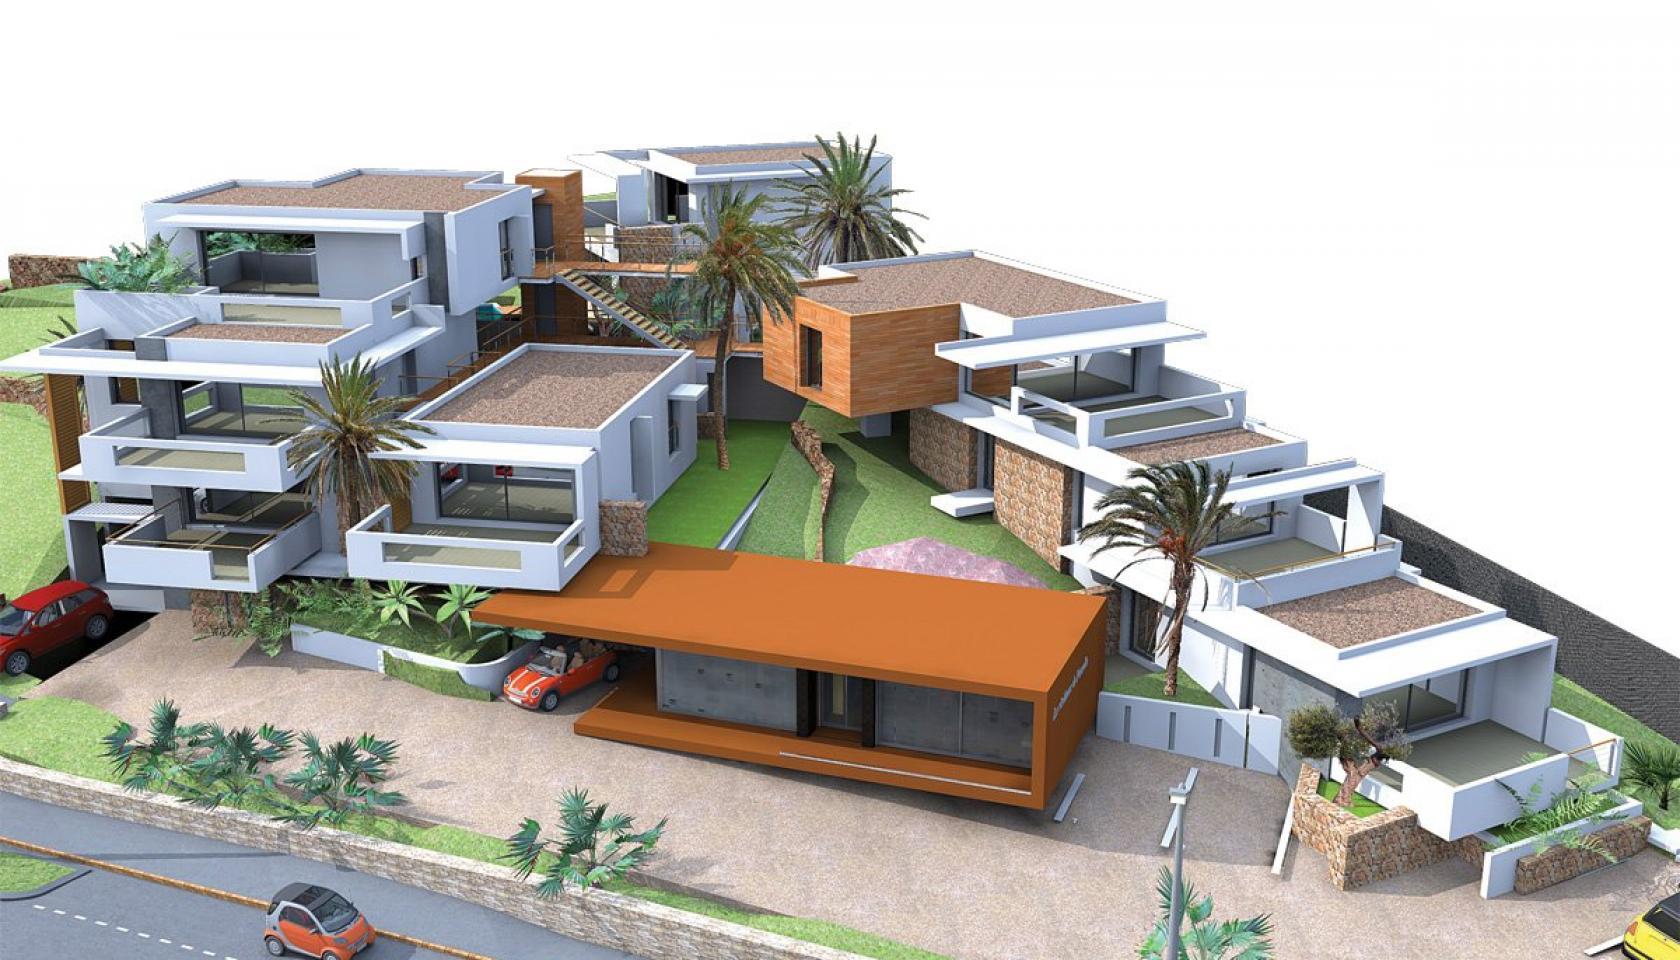 constructeur de maison en corse ventana blog. Black Bedroom Furniture Sets. Home Design Ideas